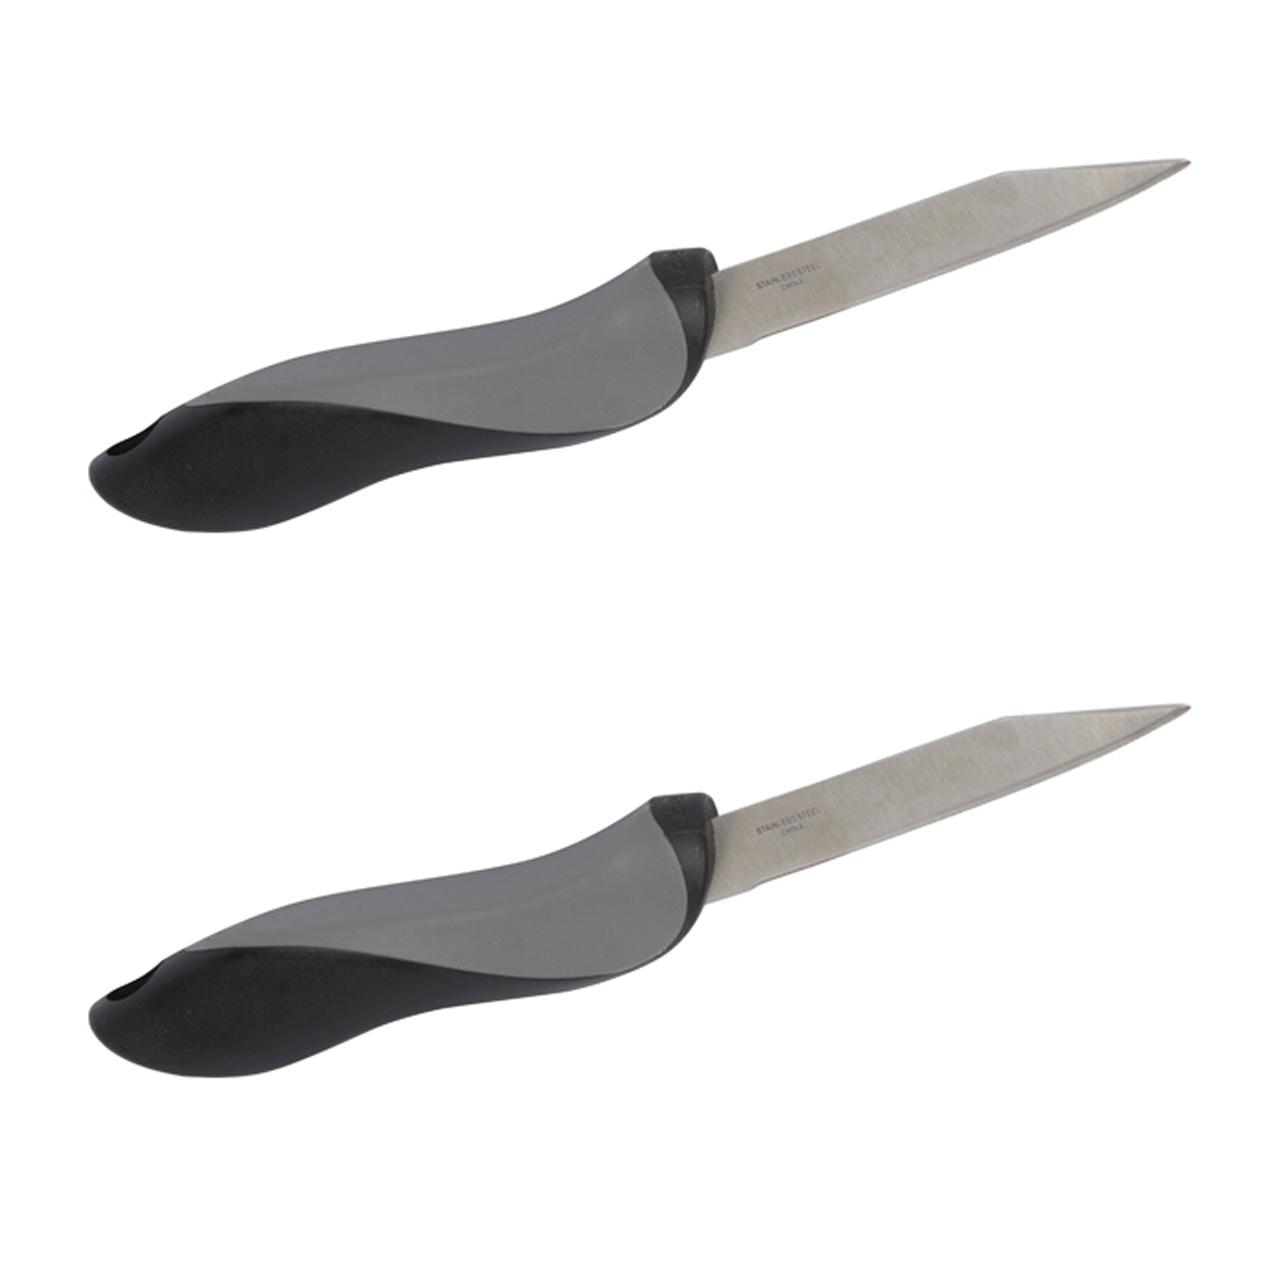 چاقو ترادو کد 09912006 بسته 2 عددی